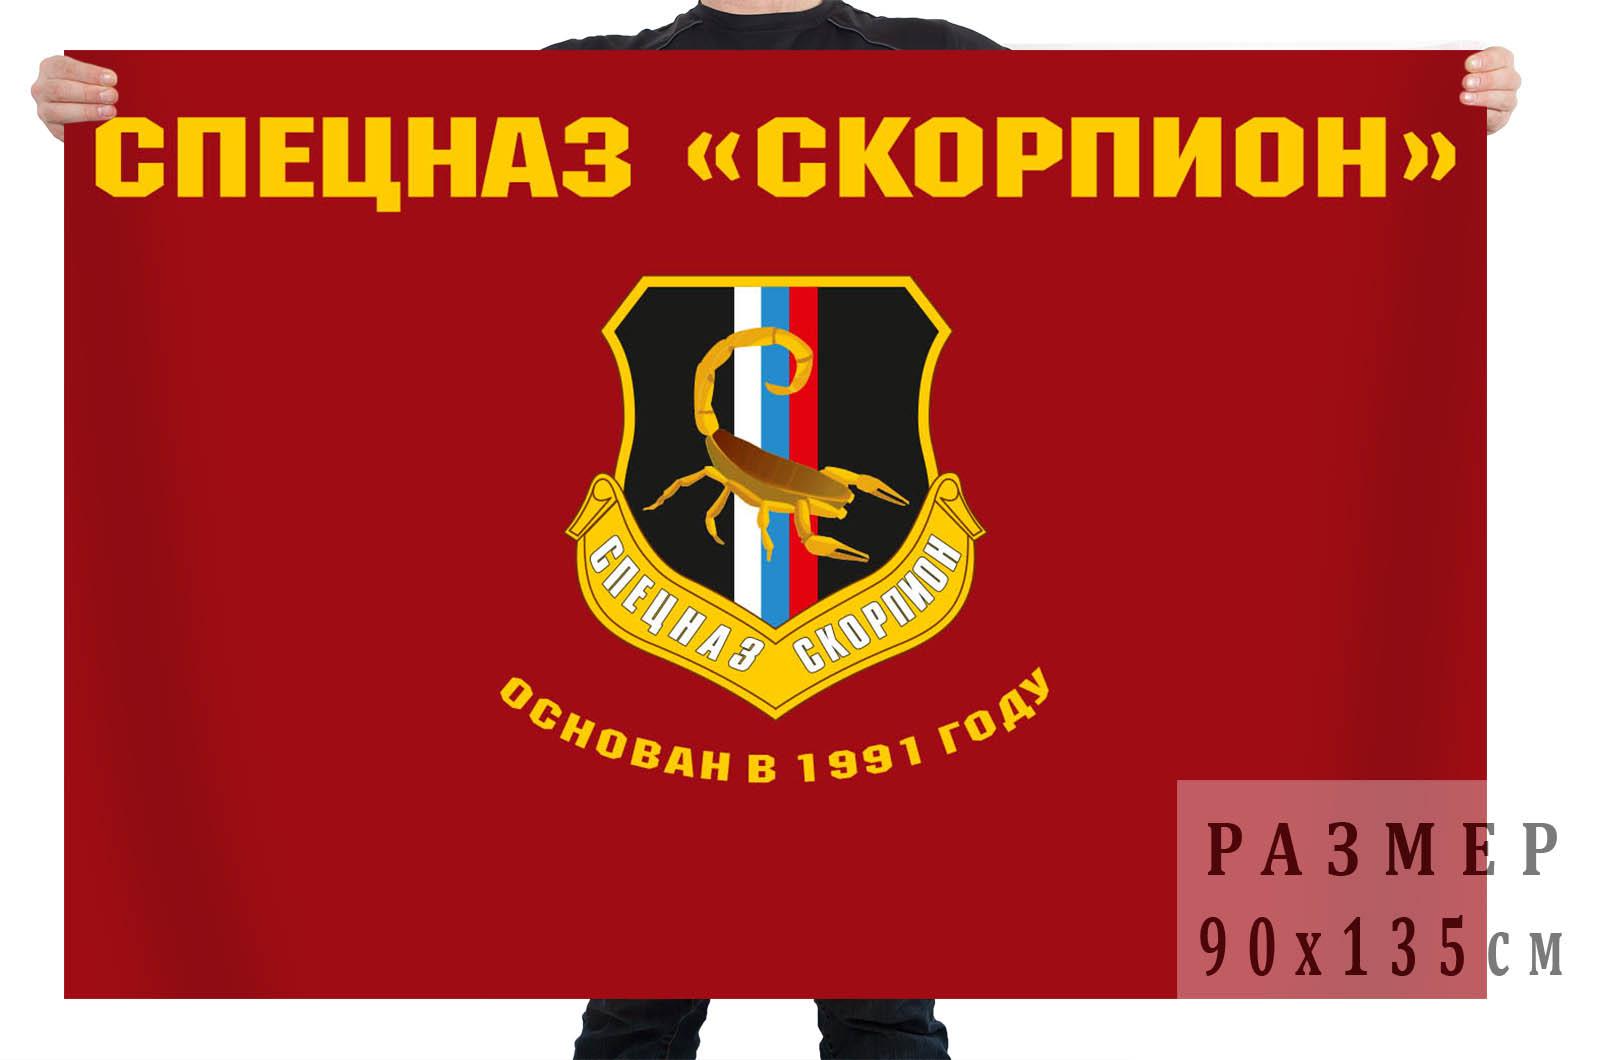 Купить в интернет магазине флаг «Спецназ Скорпион»